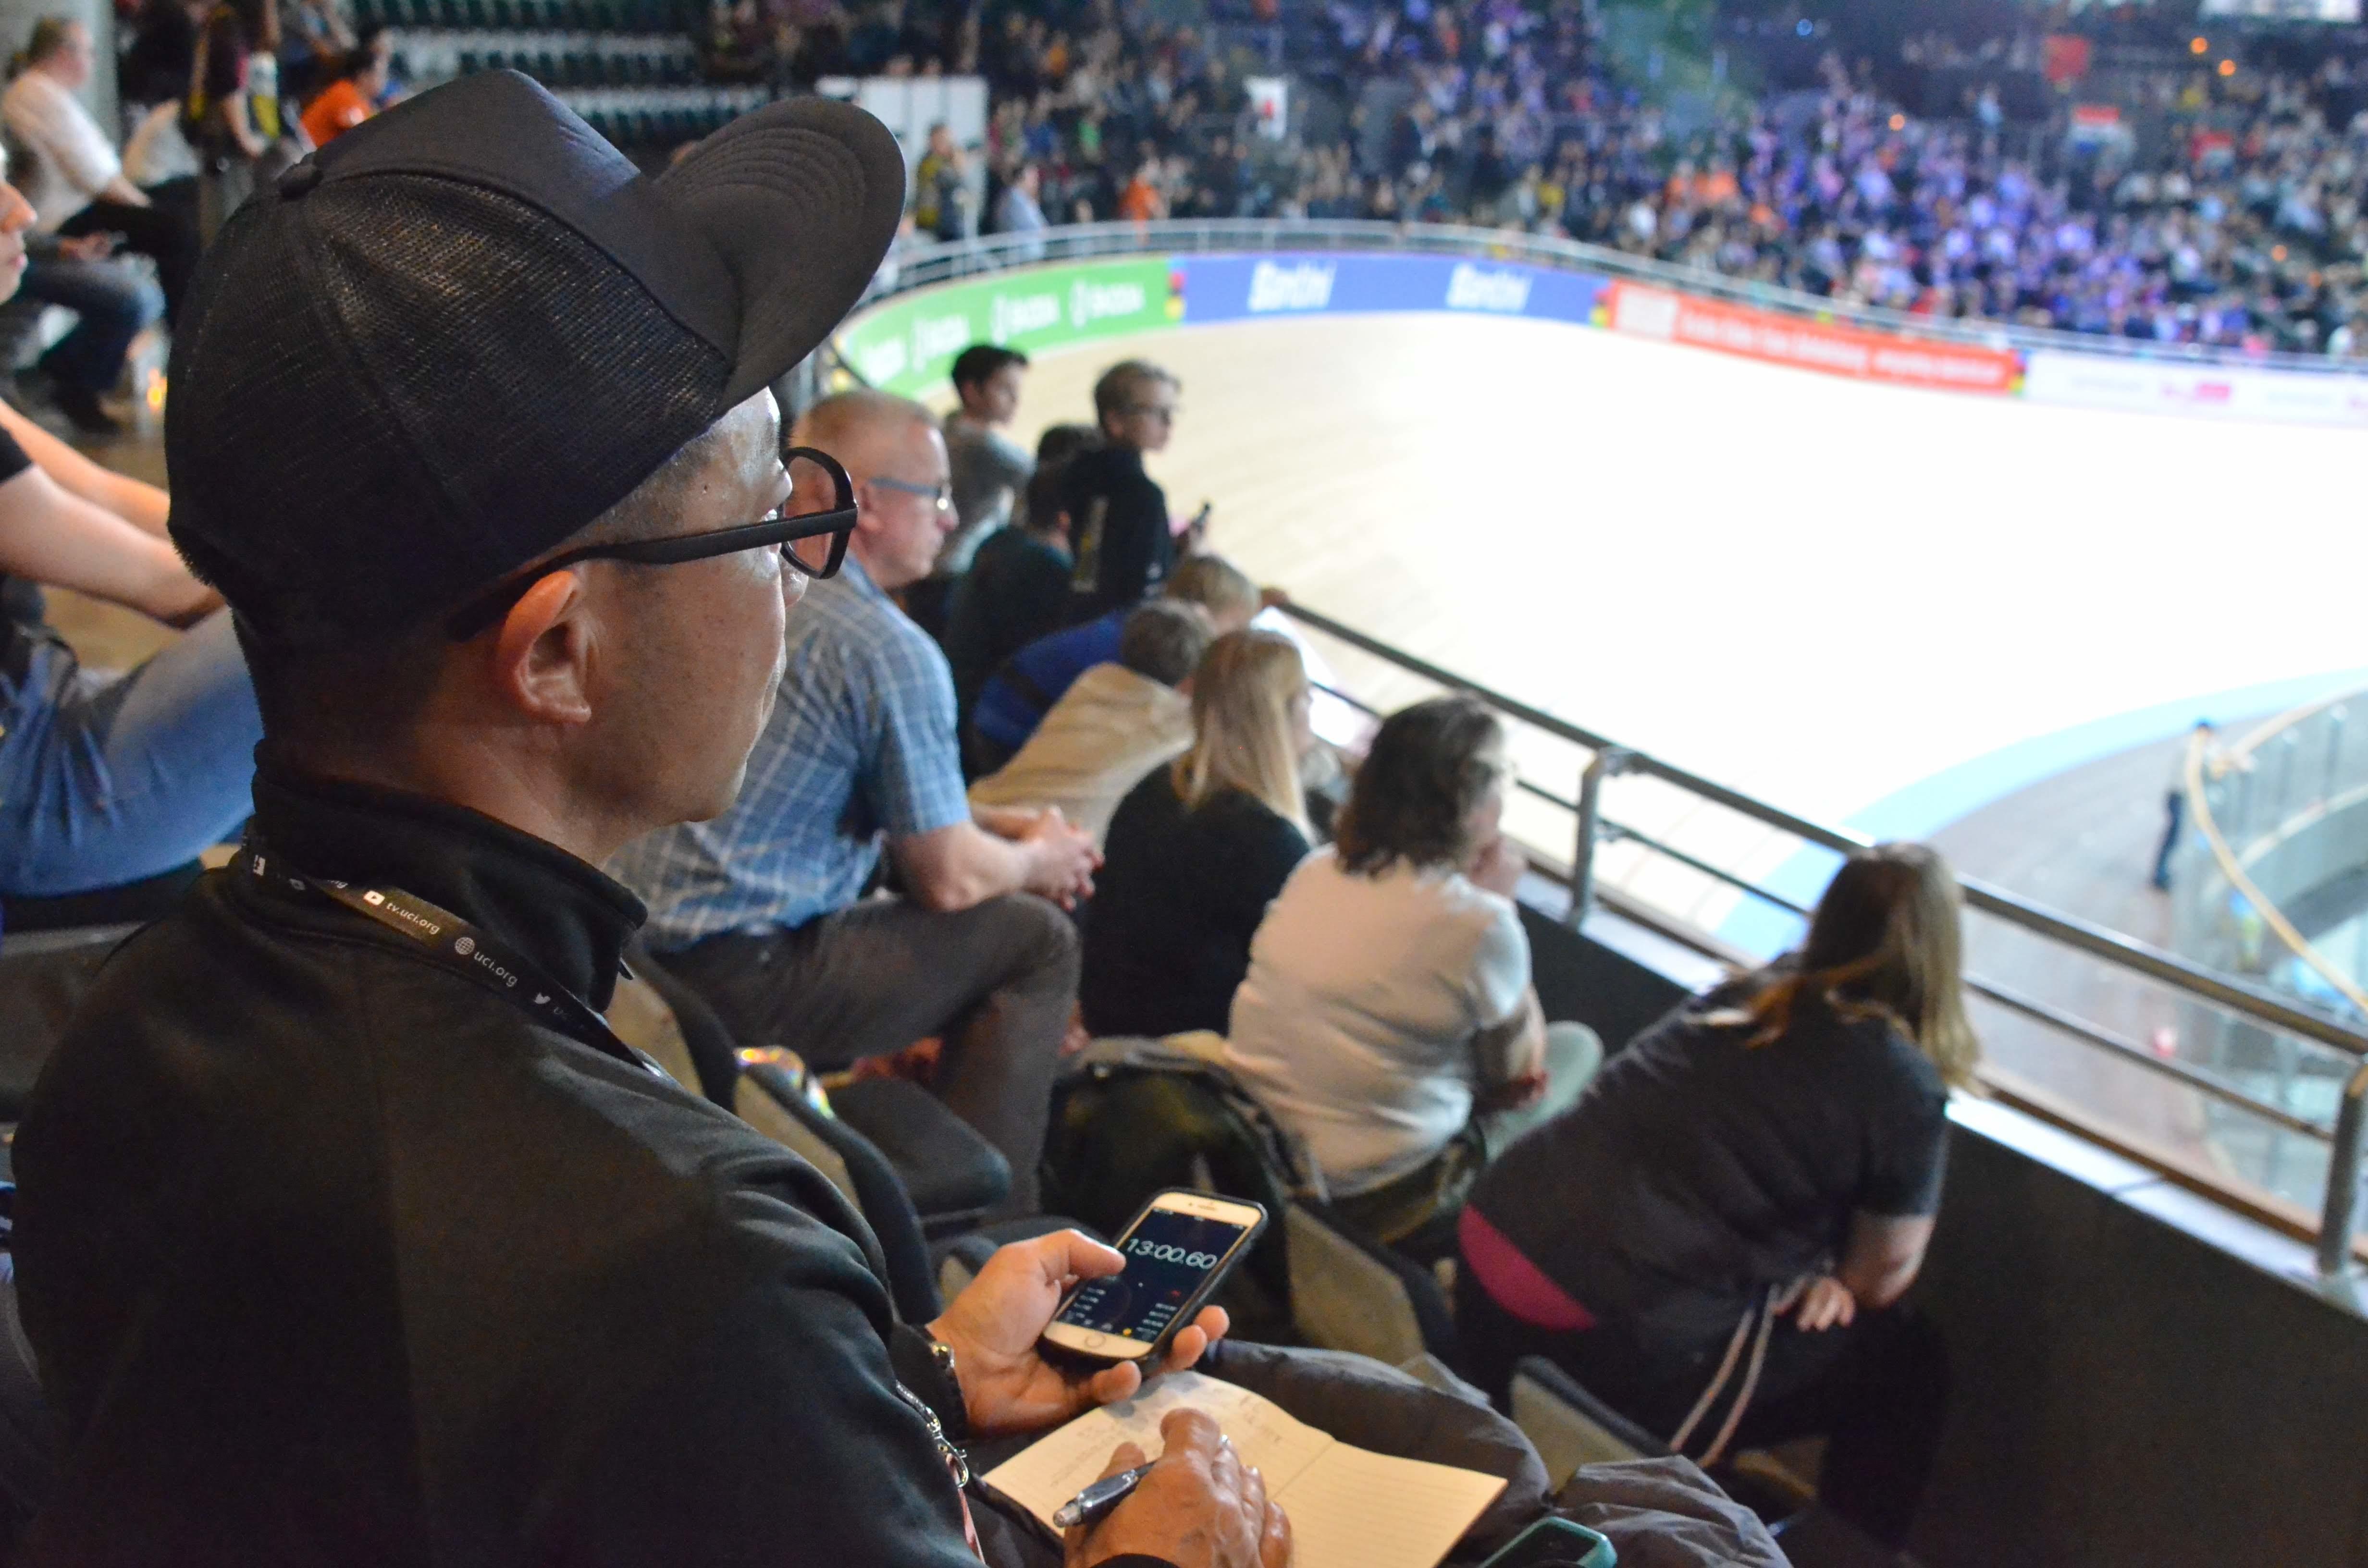 飯島誠が観たトラック世界選手権 ~東京2020オリンピックへの展望 ~